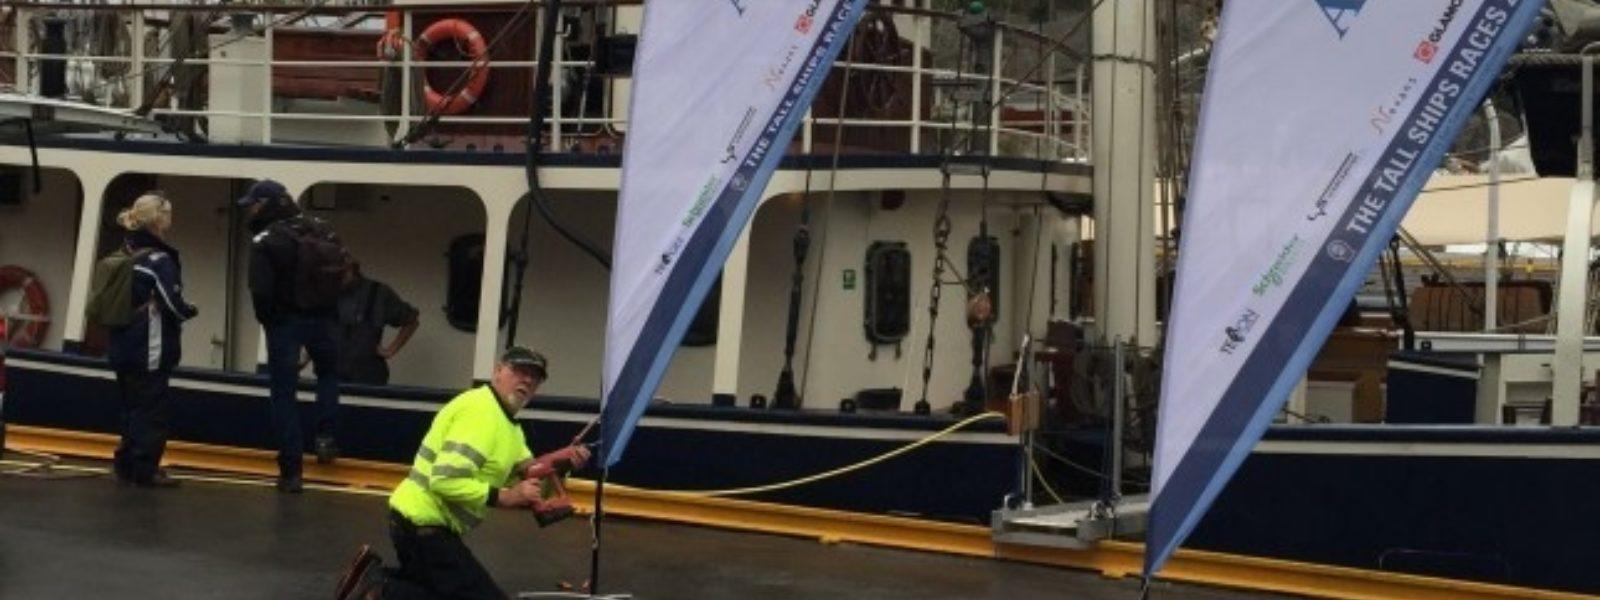 Elektrisk til Tall Ships Races 2015